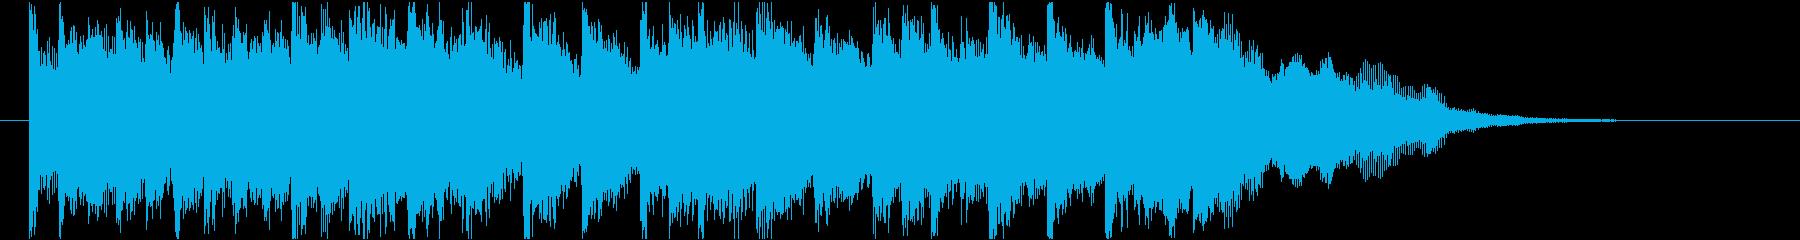 発車メロディー風な和風ジングル(ベル)の再生済みの波形